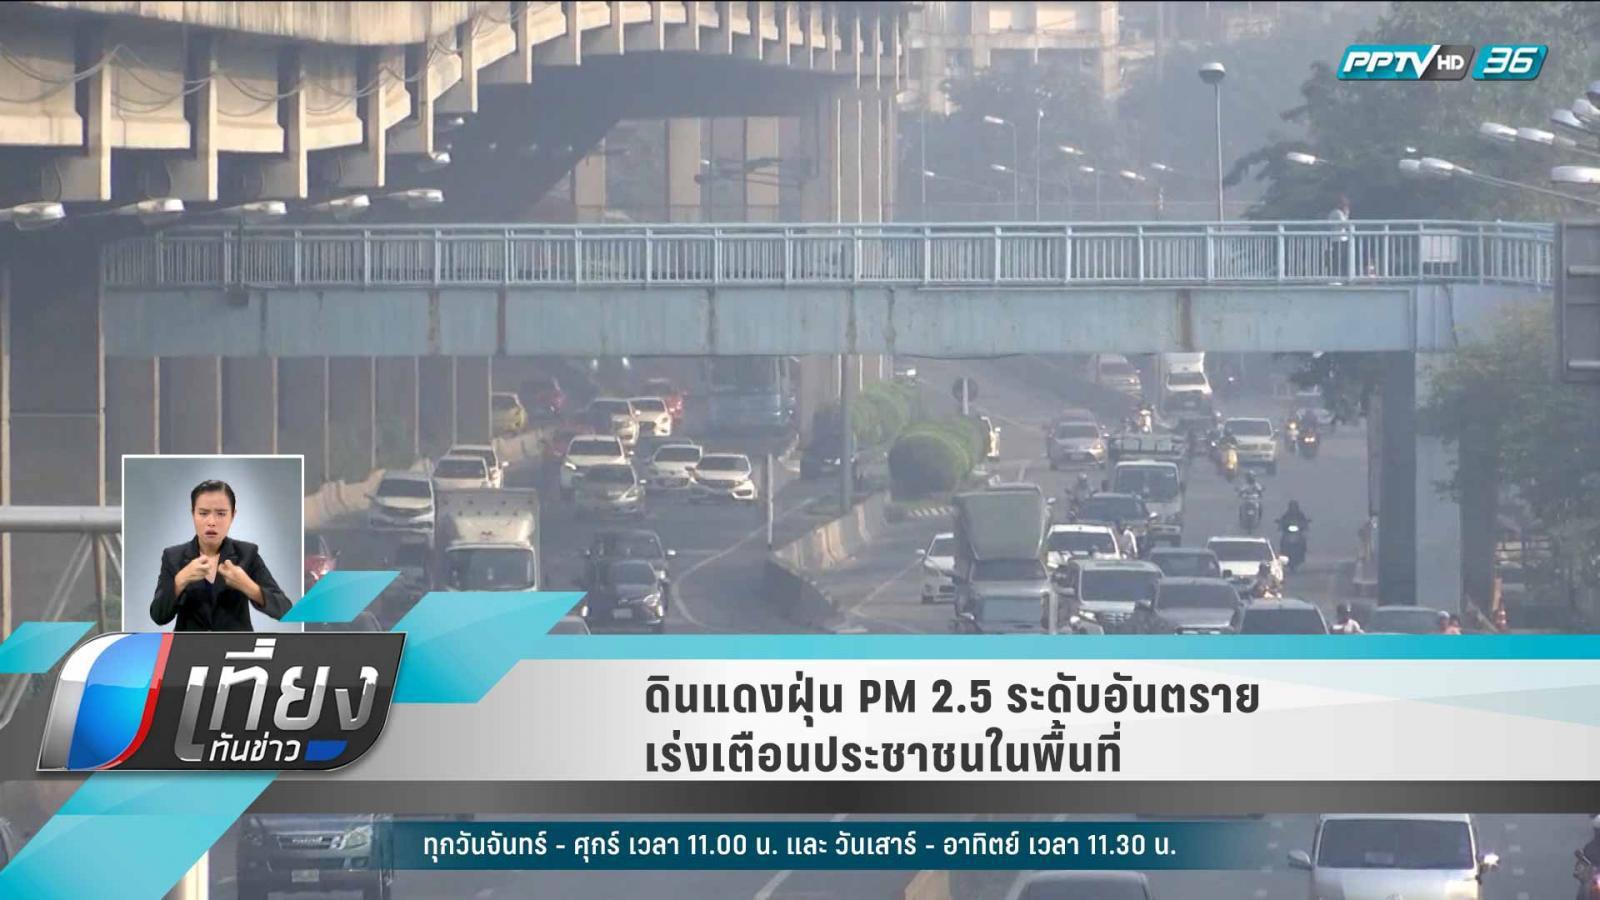 ดินแดงฝุ่น PM 2.5 ระดับอันตราย เร่งเตือนประชาชนในพื้นที่